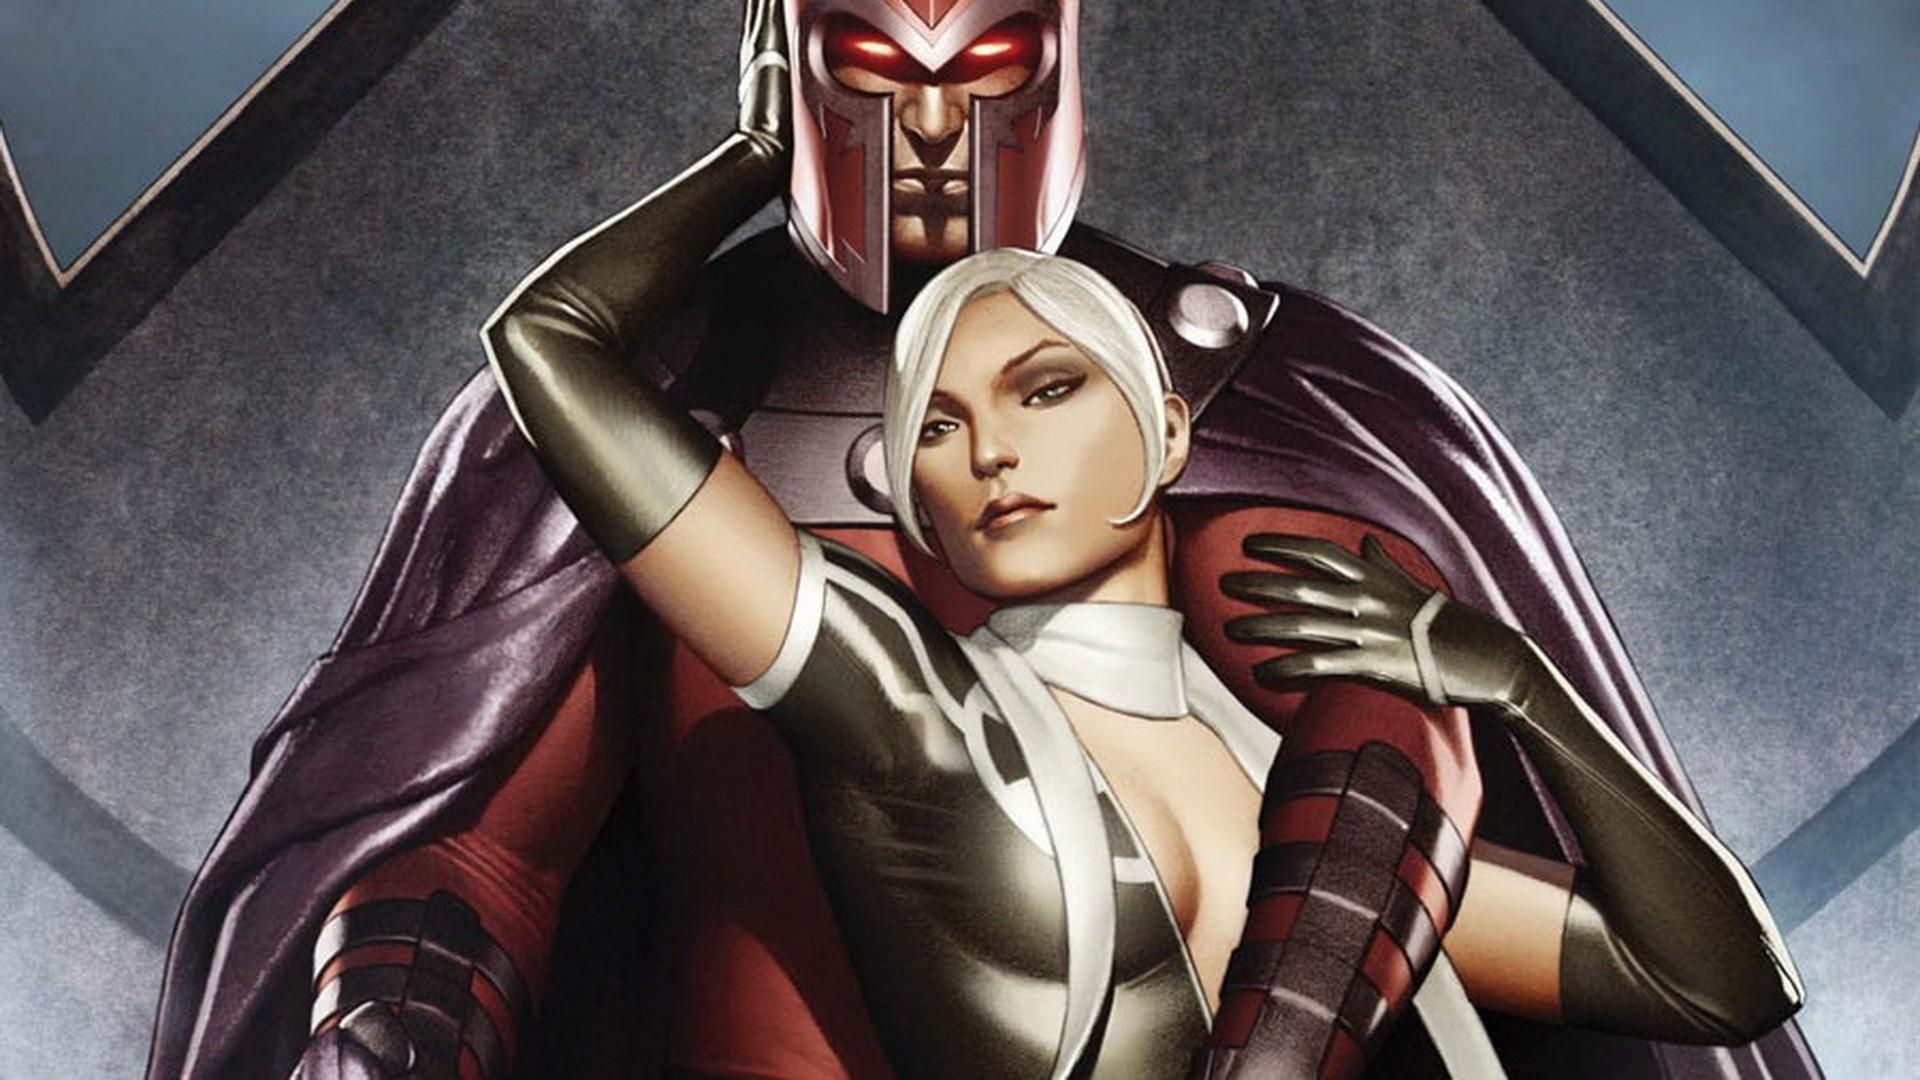 Female Superhero Wallpaper - WallpaperSafari